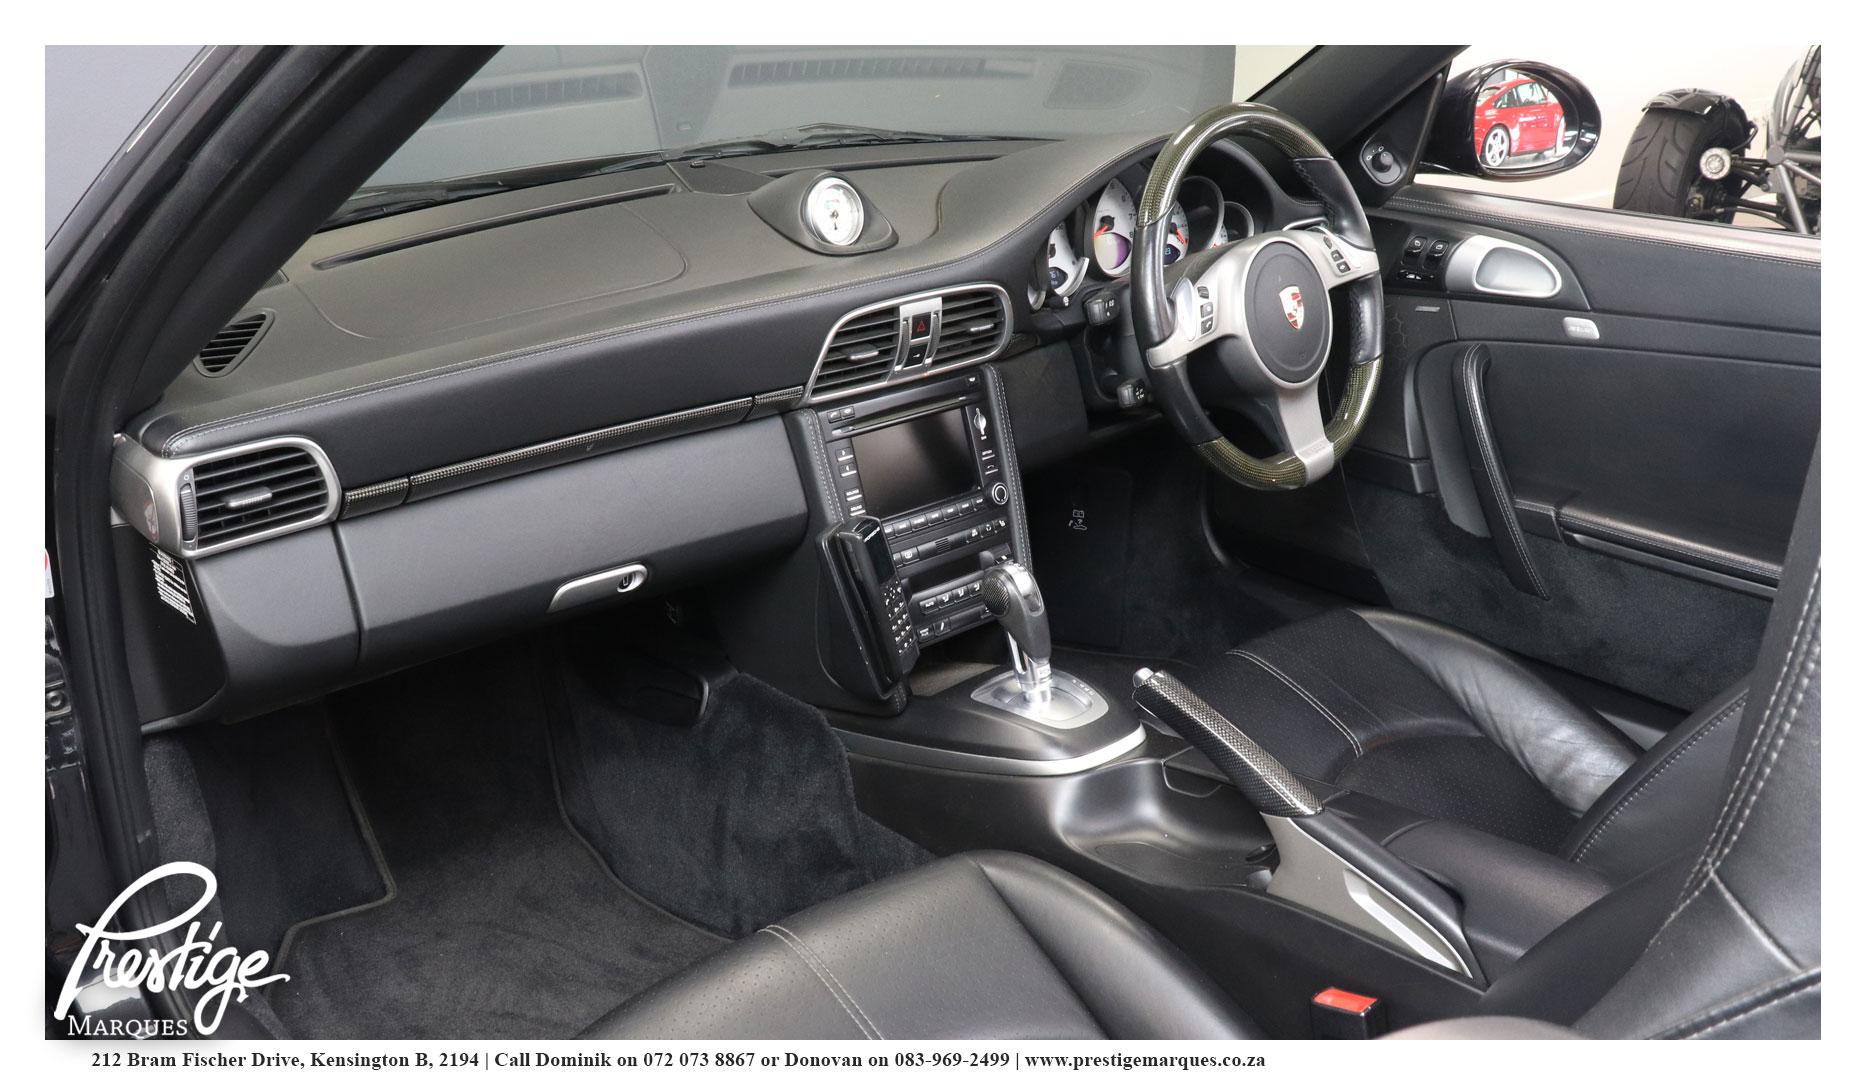 2009-Porsche-911- (997.2)-Carrera-4s-PDK Cabriolet-Prestige-Marques-Randburg-Sandton-18